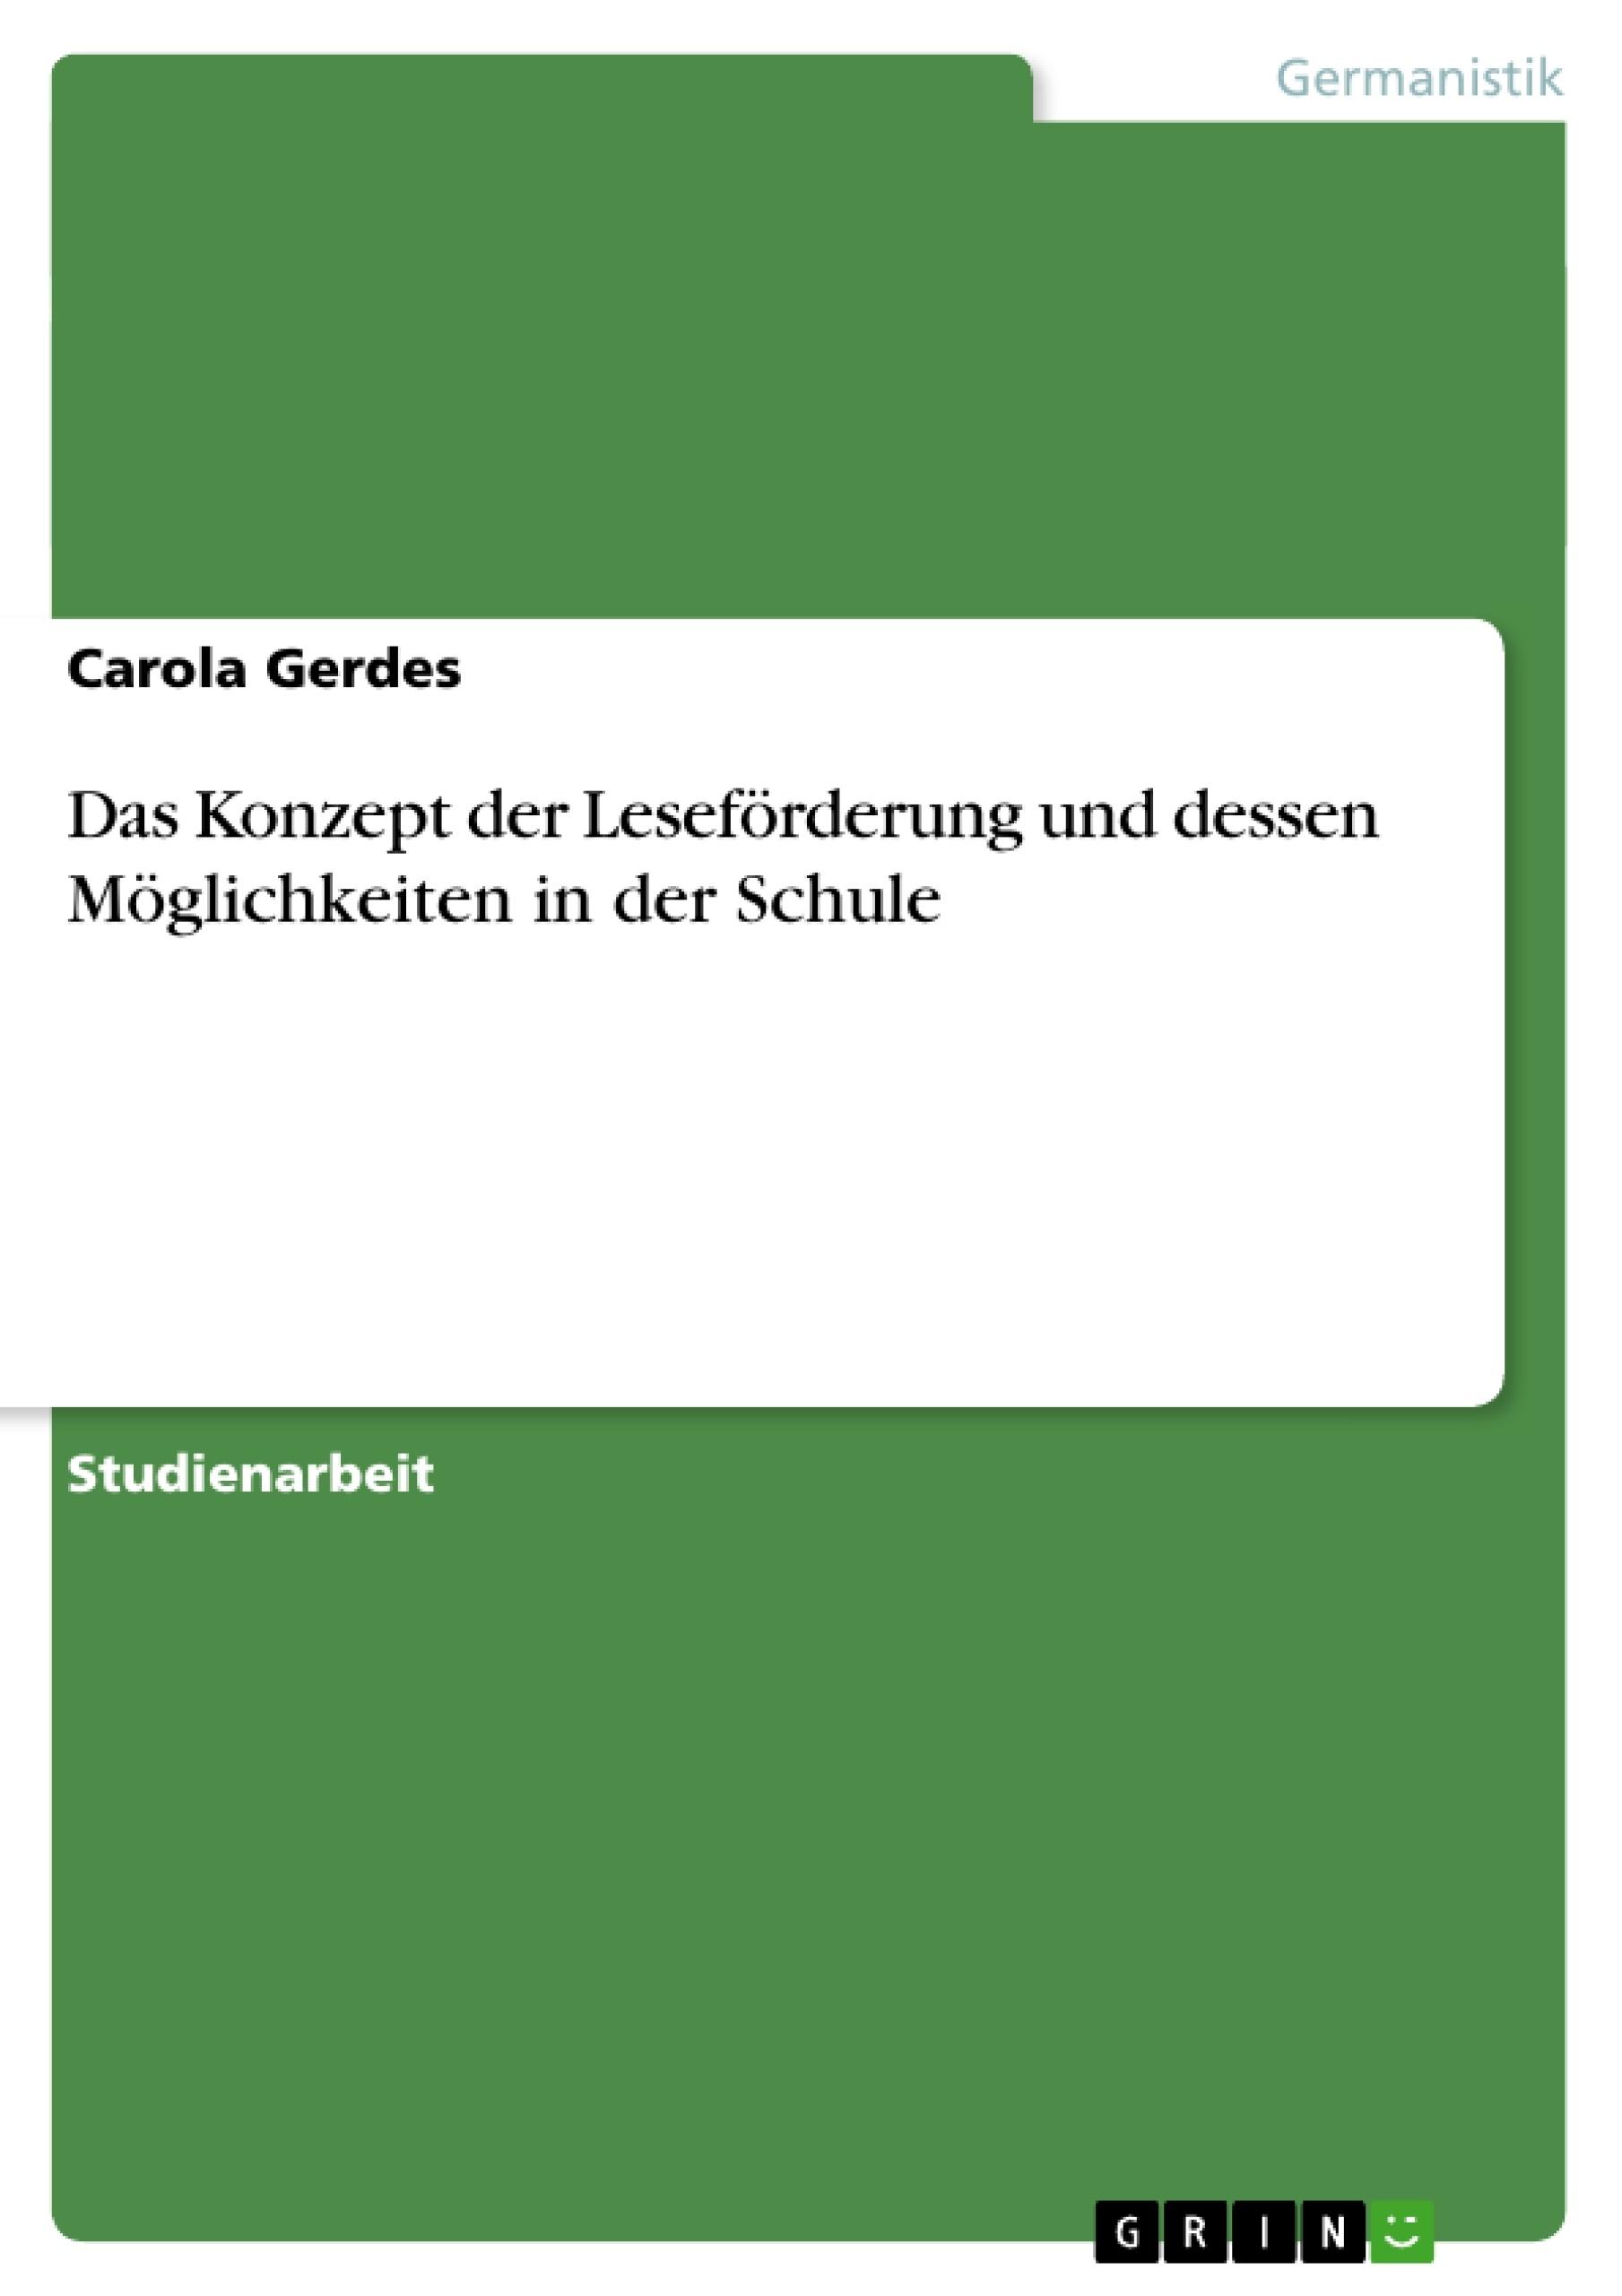 Titel: Das Konzept der Leseförderung und dessen Möglichkeiten in der Schule